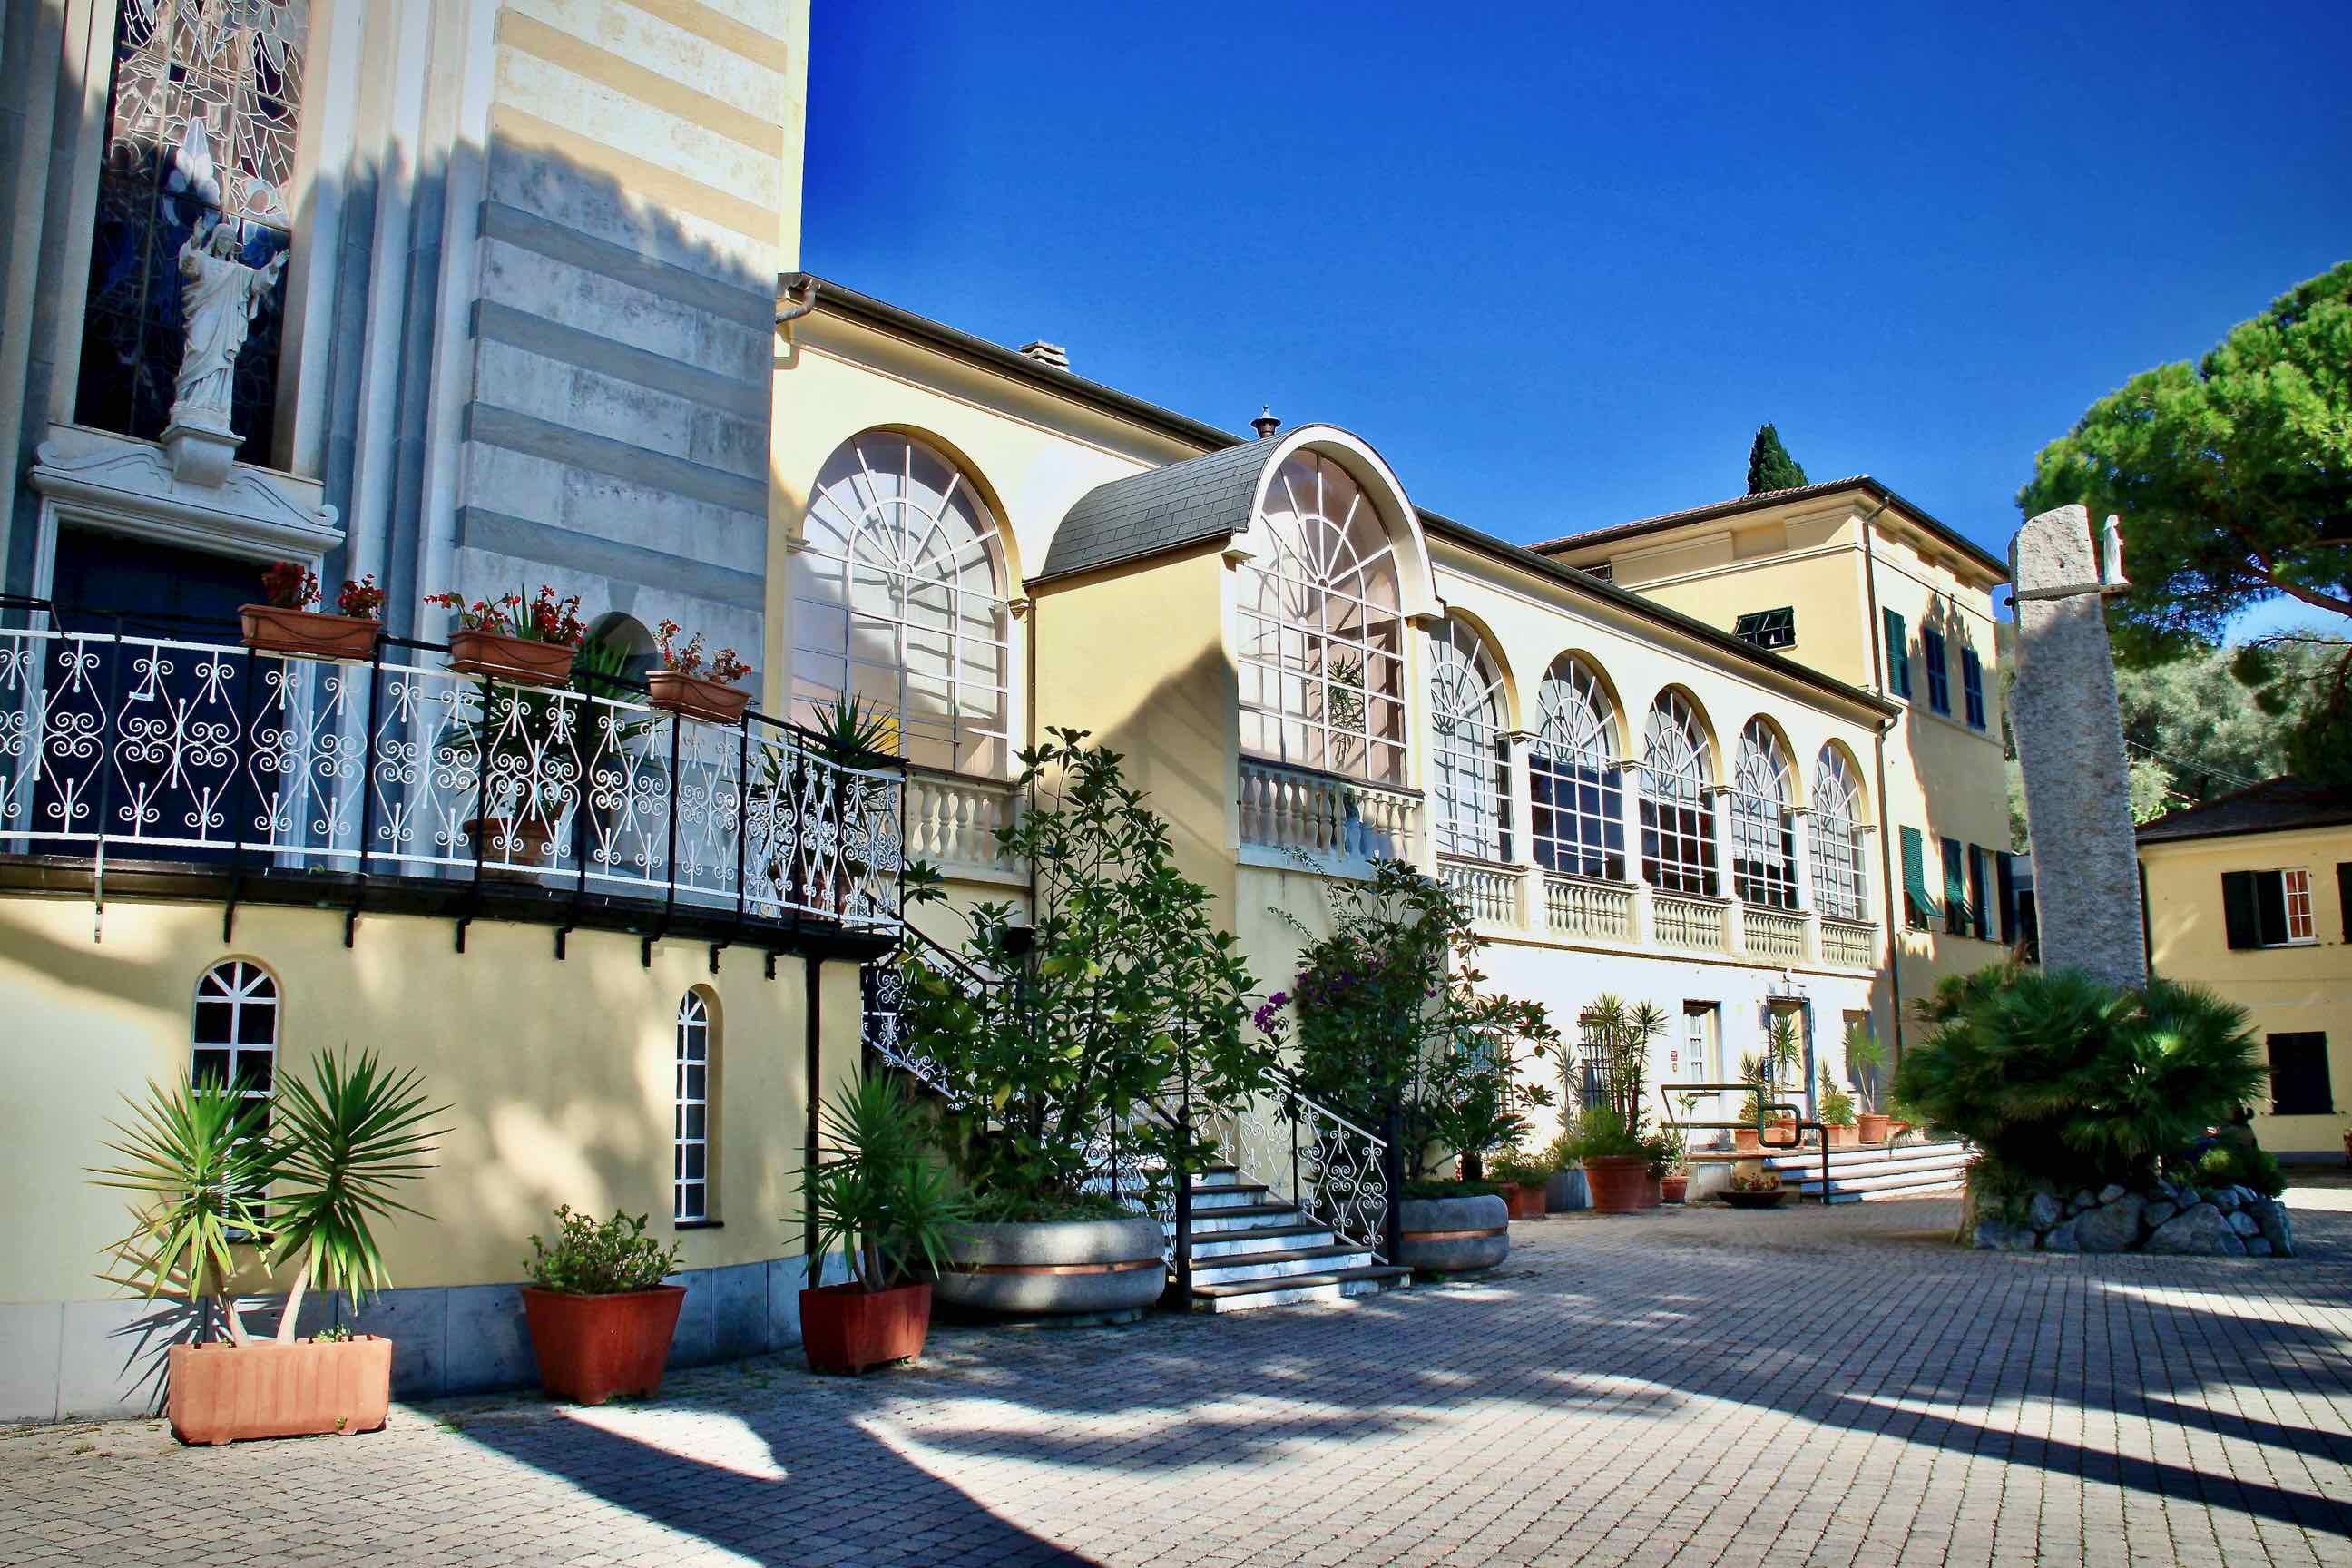 Centro Benedetto Acquarone - Villaggio del Ragazzo - Facciata prospettiva sala convegni